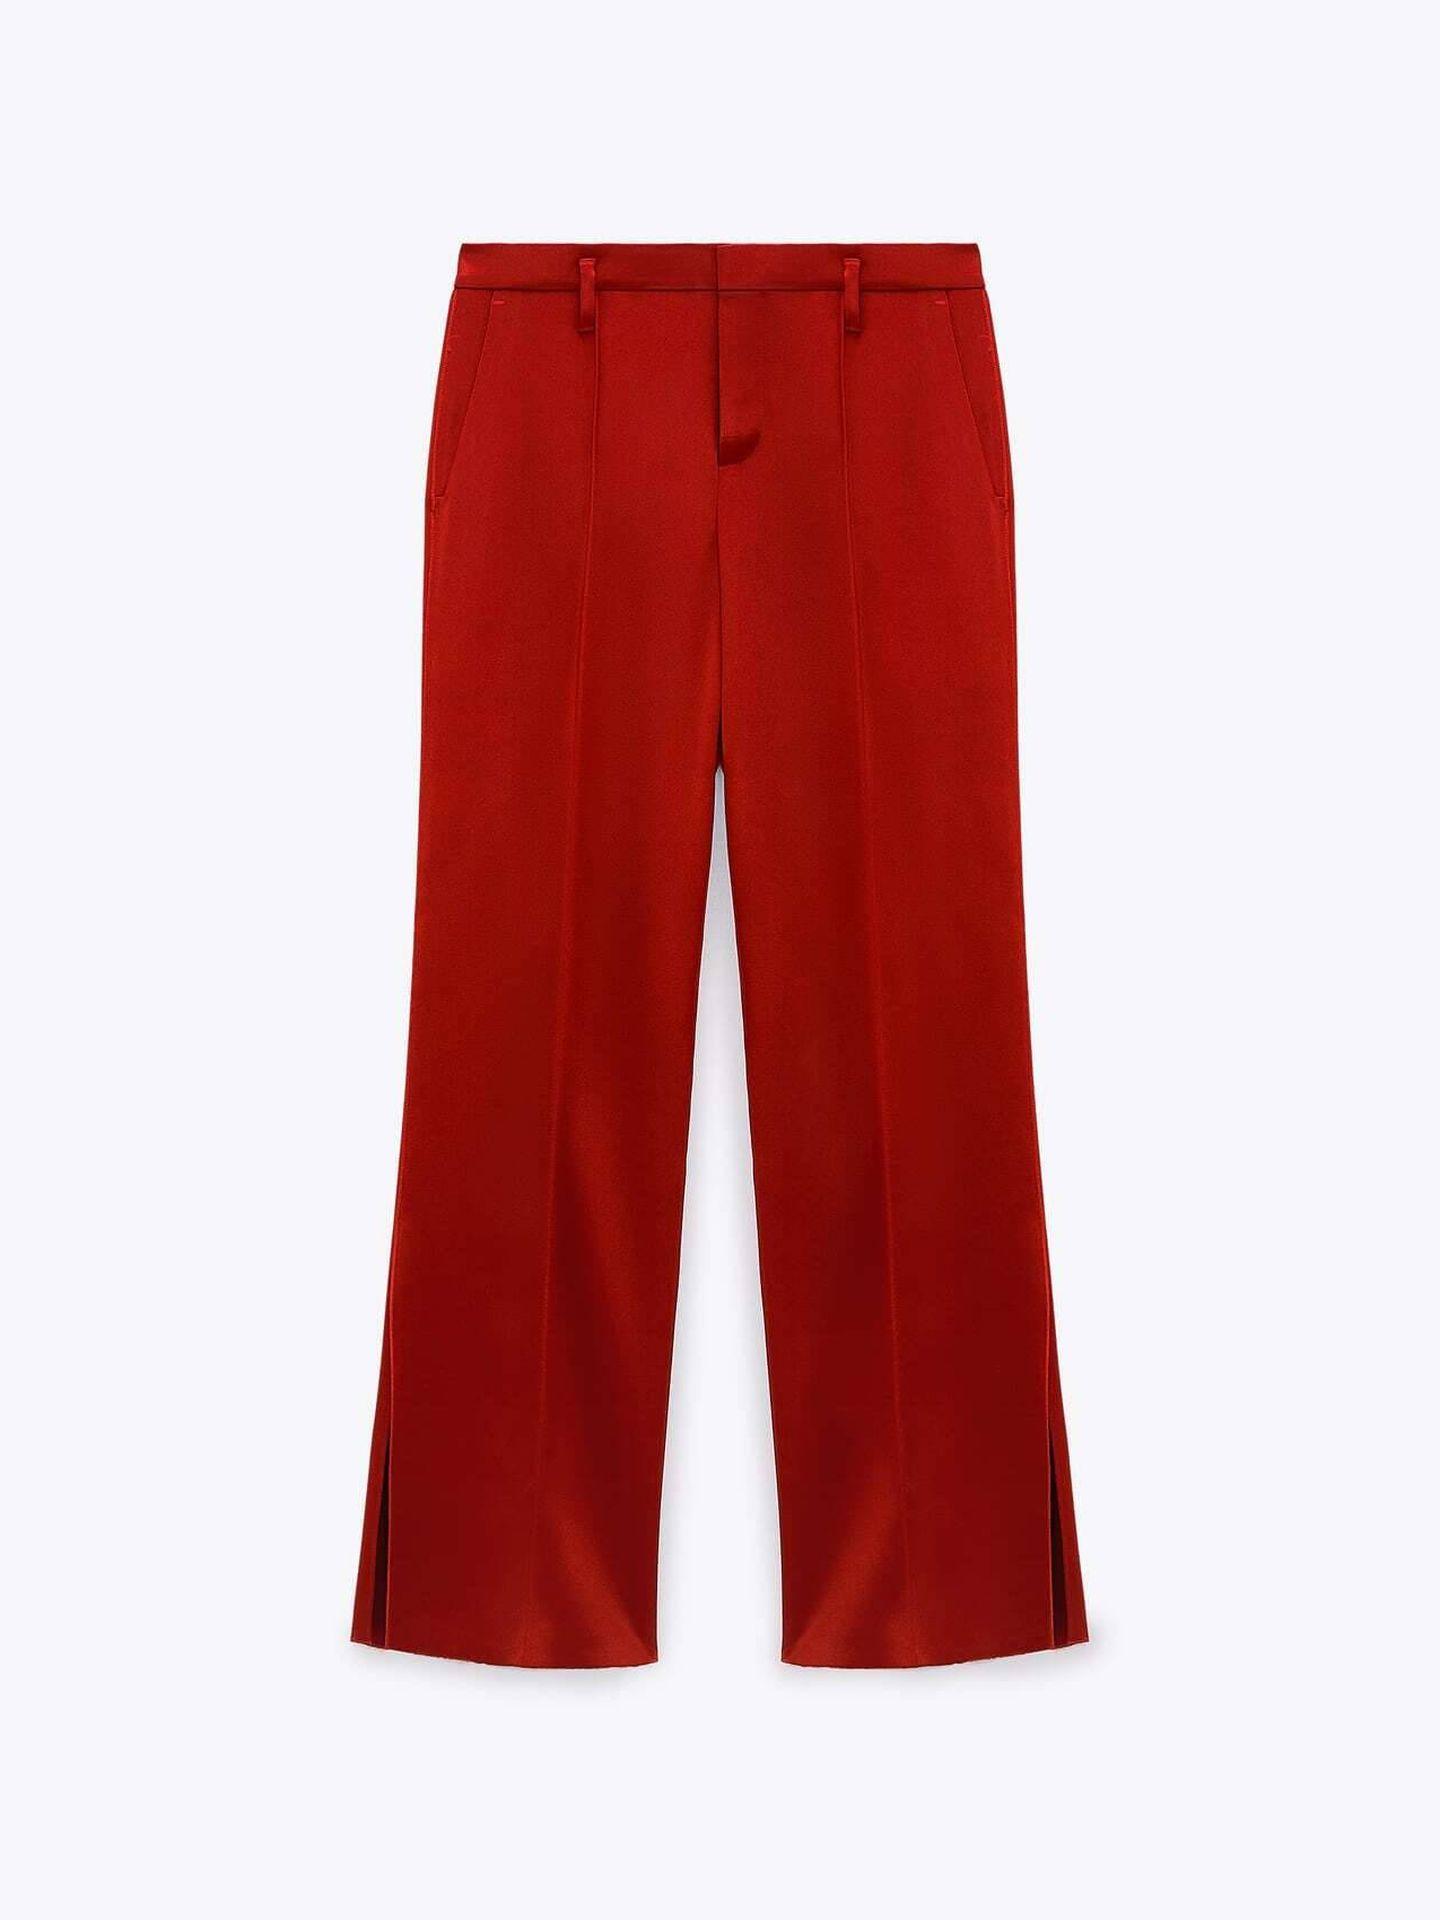 El pantalón satinado de Zara. (Cortesía)